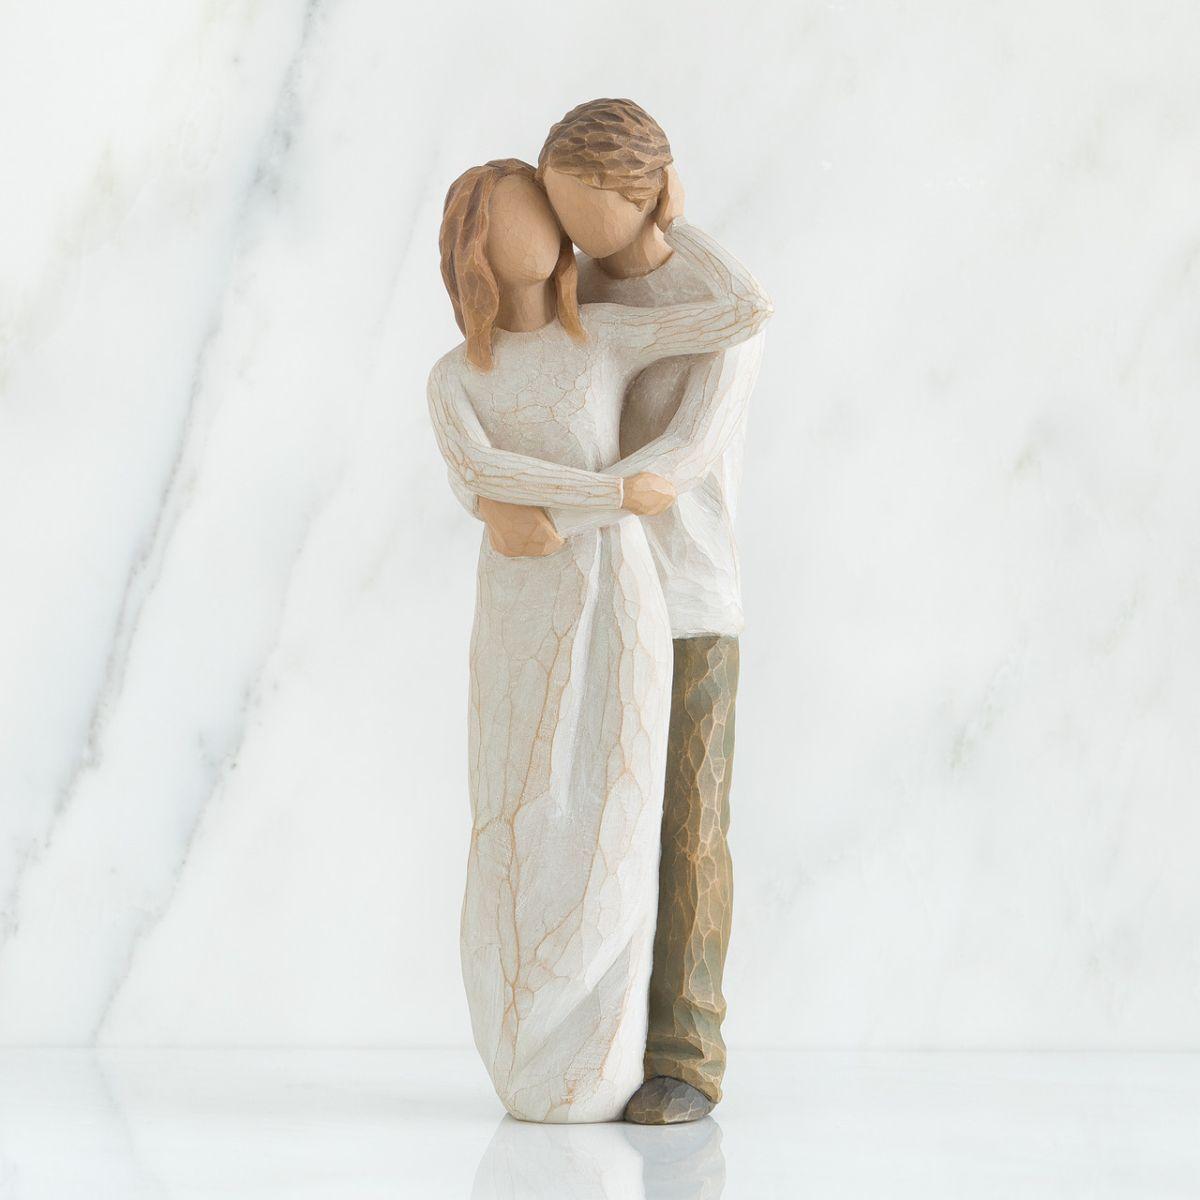 ウィローツリー彫像 【Together】 - ずっといっしょ